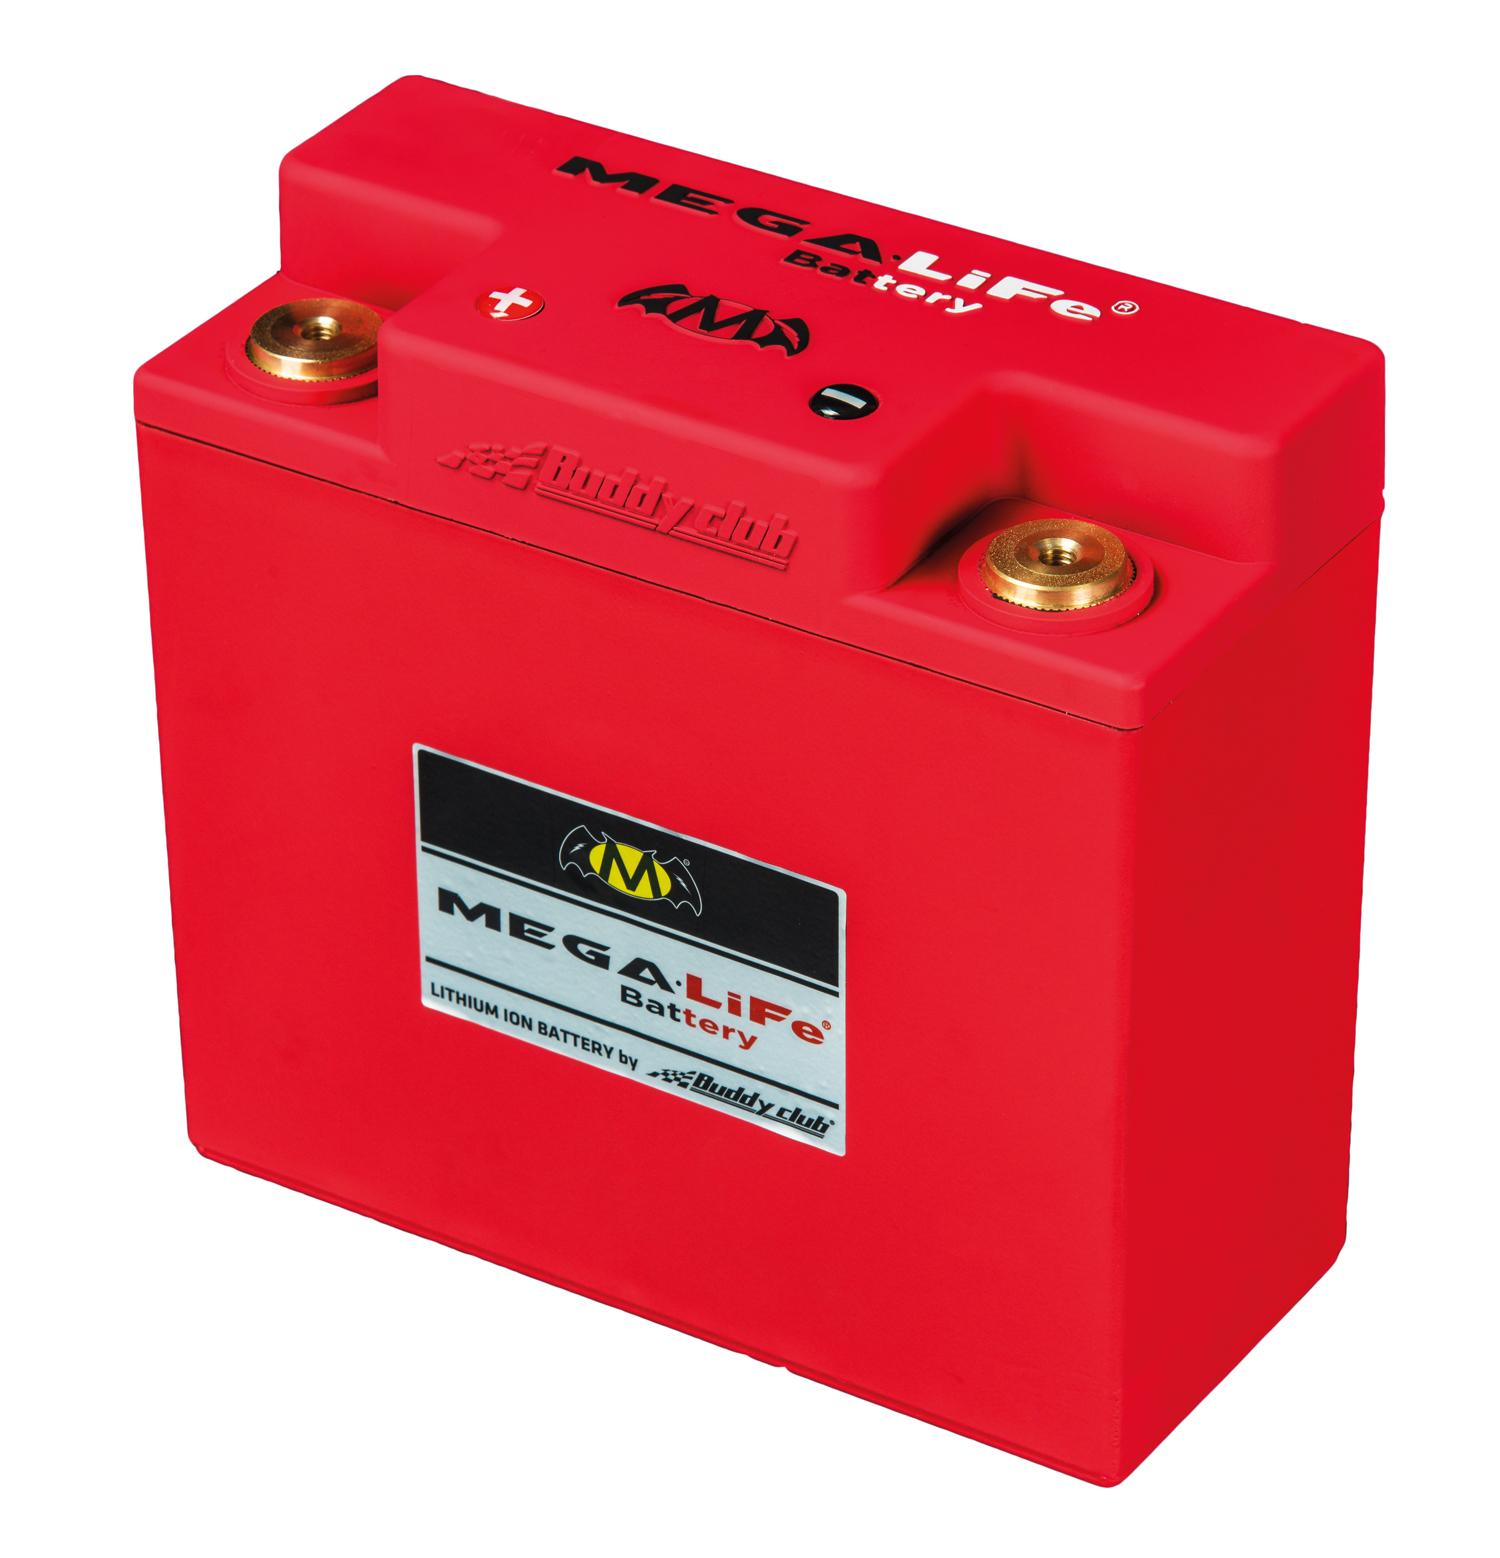 Megalife Racing Batterie MR-30